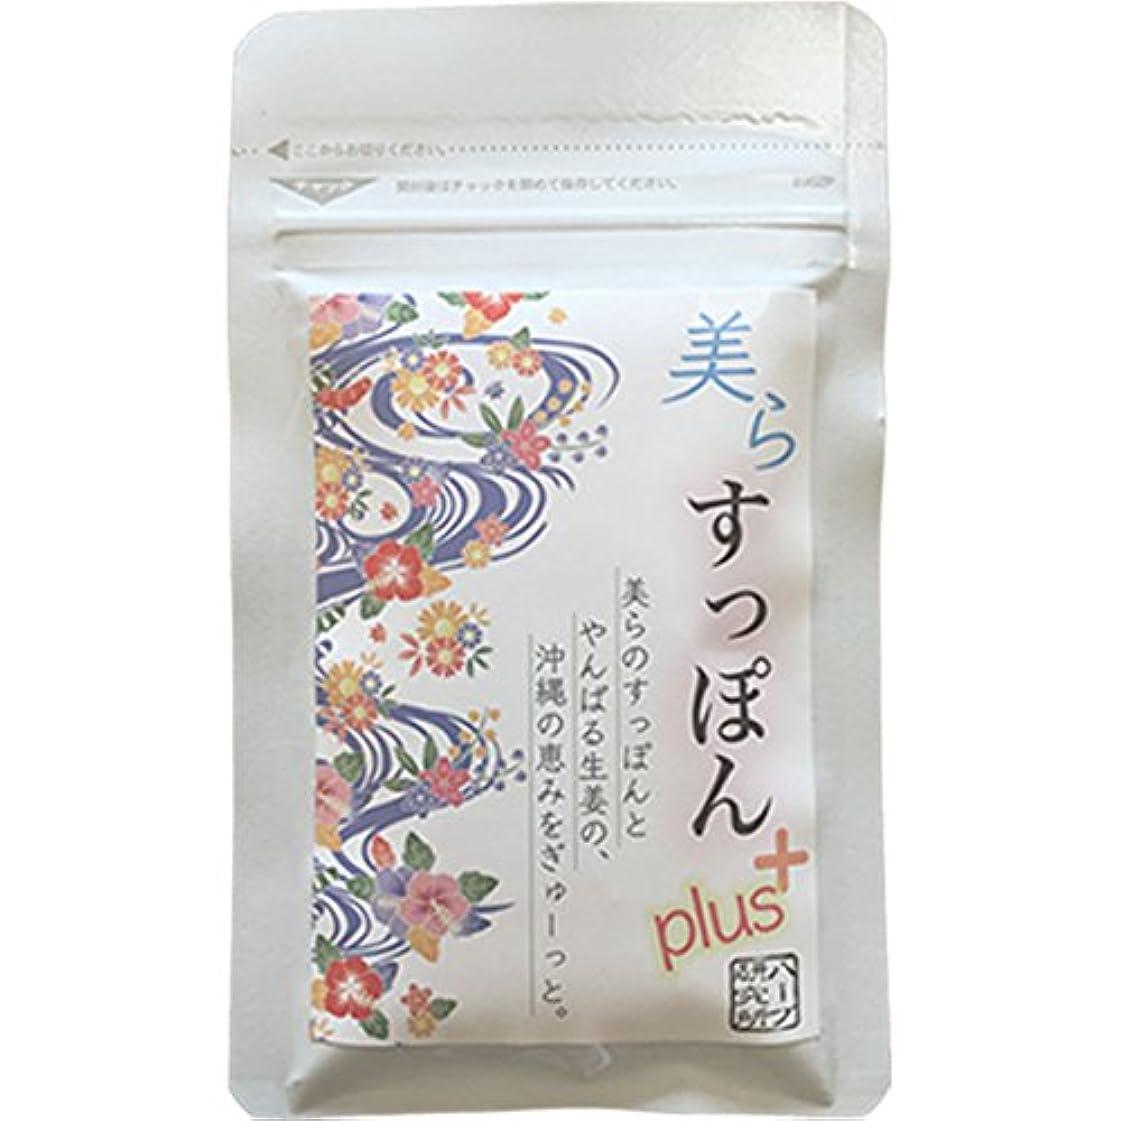 経験的利益理由温活 ぷるぷる 沖縄すっぽん + やんばるしょうが のサプリ 62粒 1パック